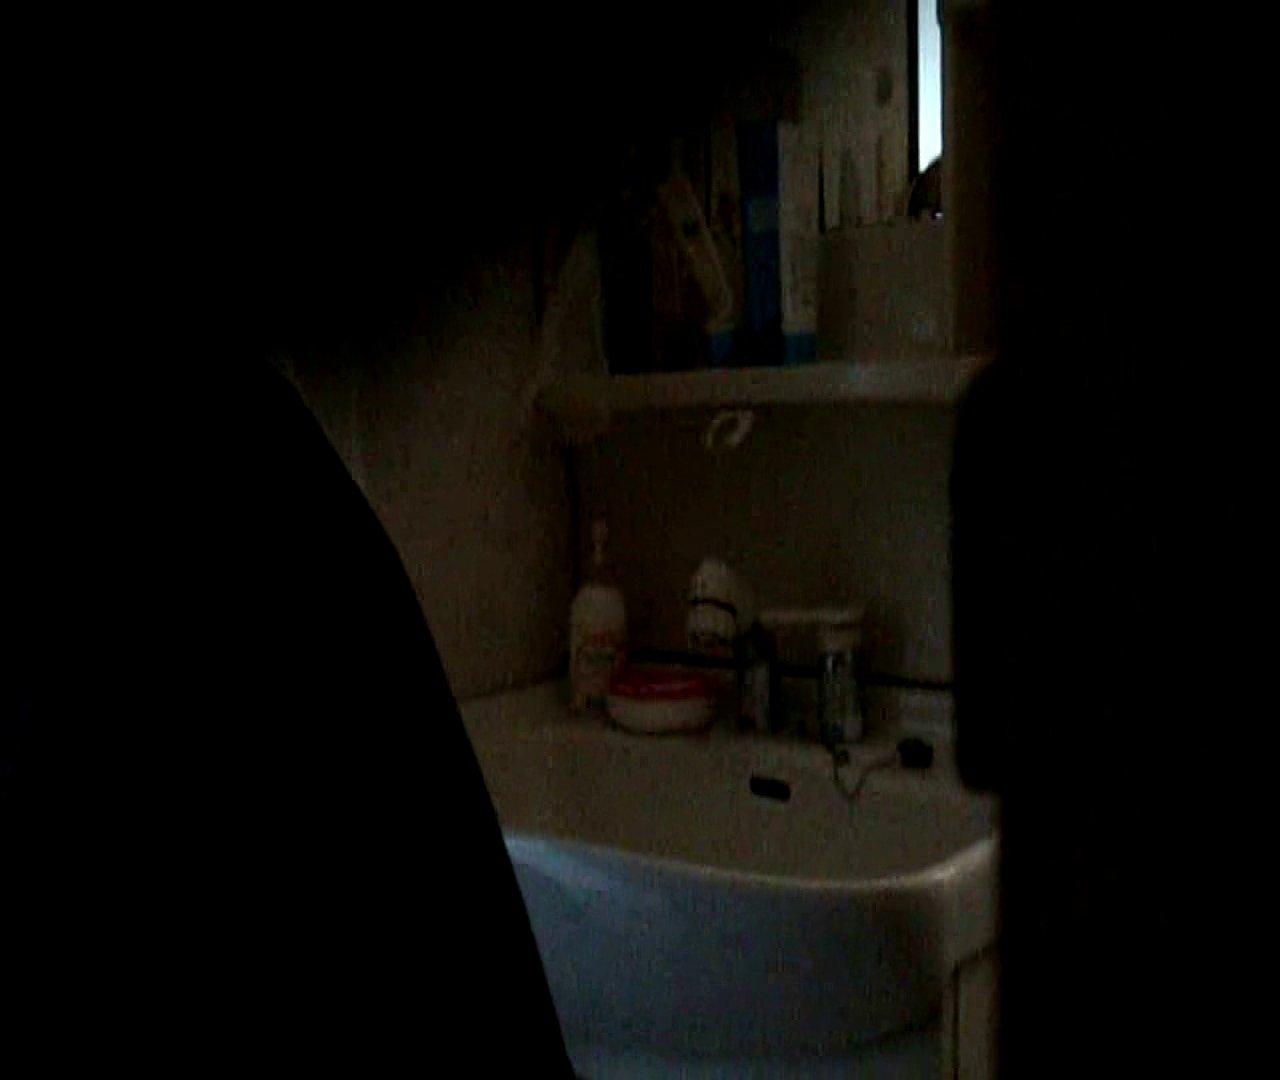 二人とも育てた甲斐がありました… vol.05 まどかが洗顔後にブラを洗濯 盗撮特集   おまんこ  86画像 22